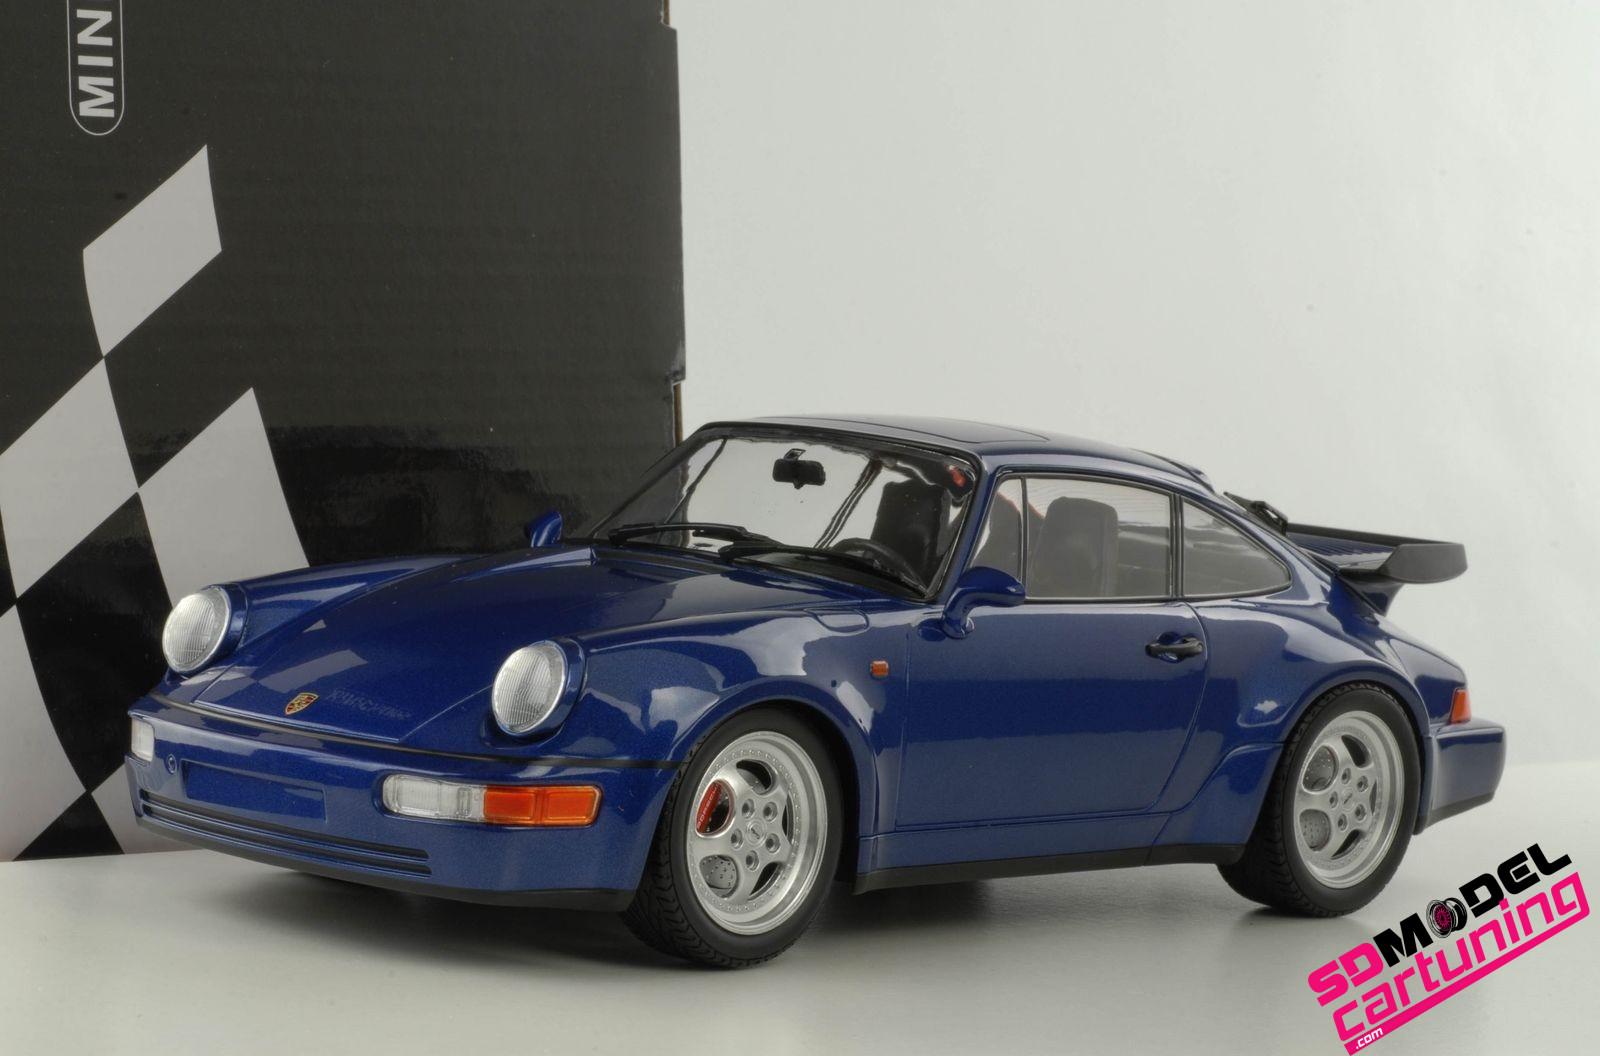 1:18 Porsche 911 (964) Turbo 1990 blauw